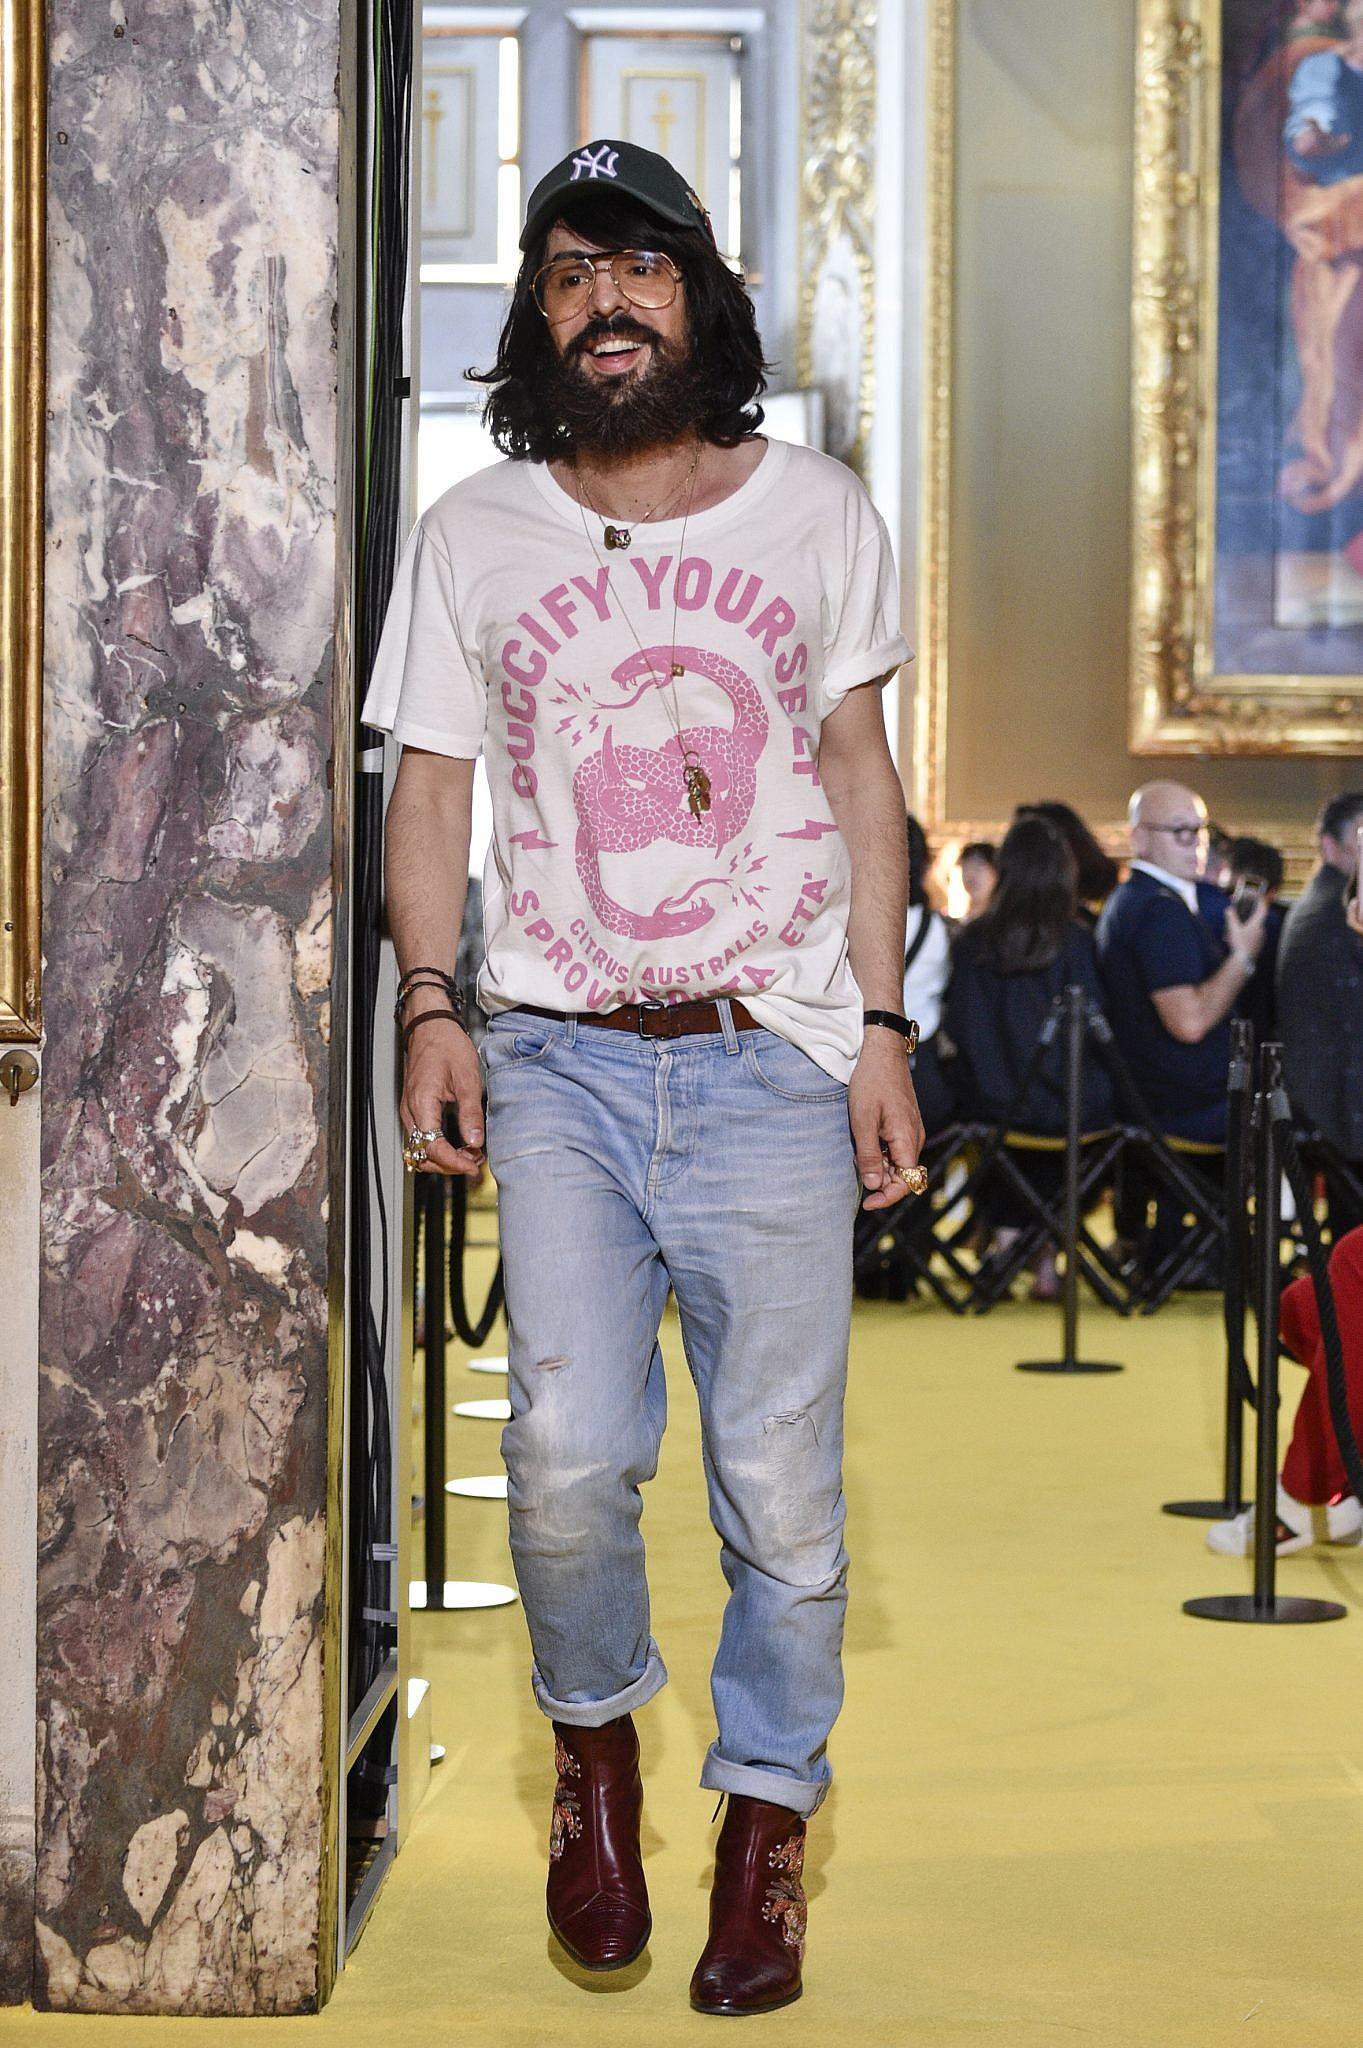 האיש מאחורי החלטת המותג להיפרד מהפרוות, המנהל האמנותי של גוצ'י אלסנדרו מיקלה | צילום: Pietro D'Aprano/Getty Images